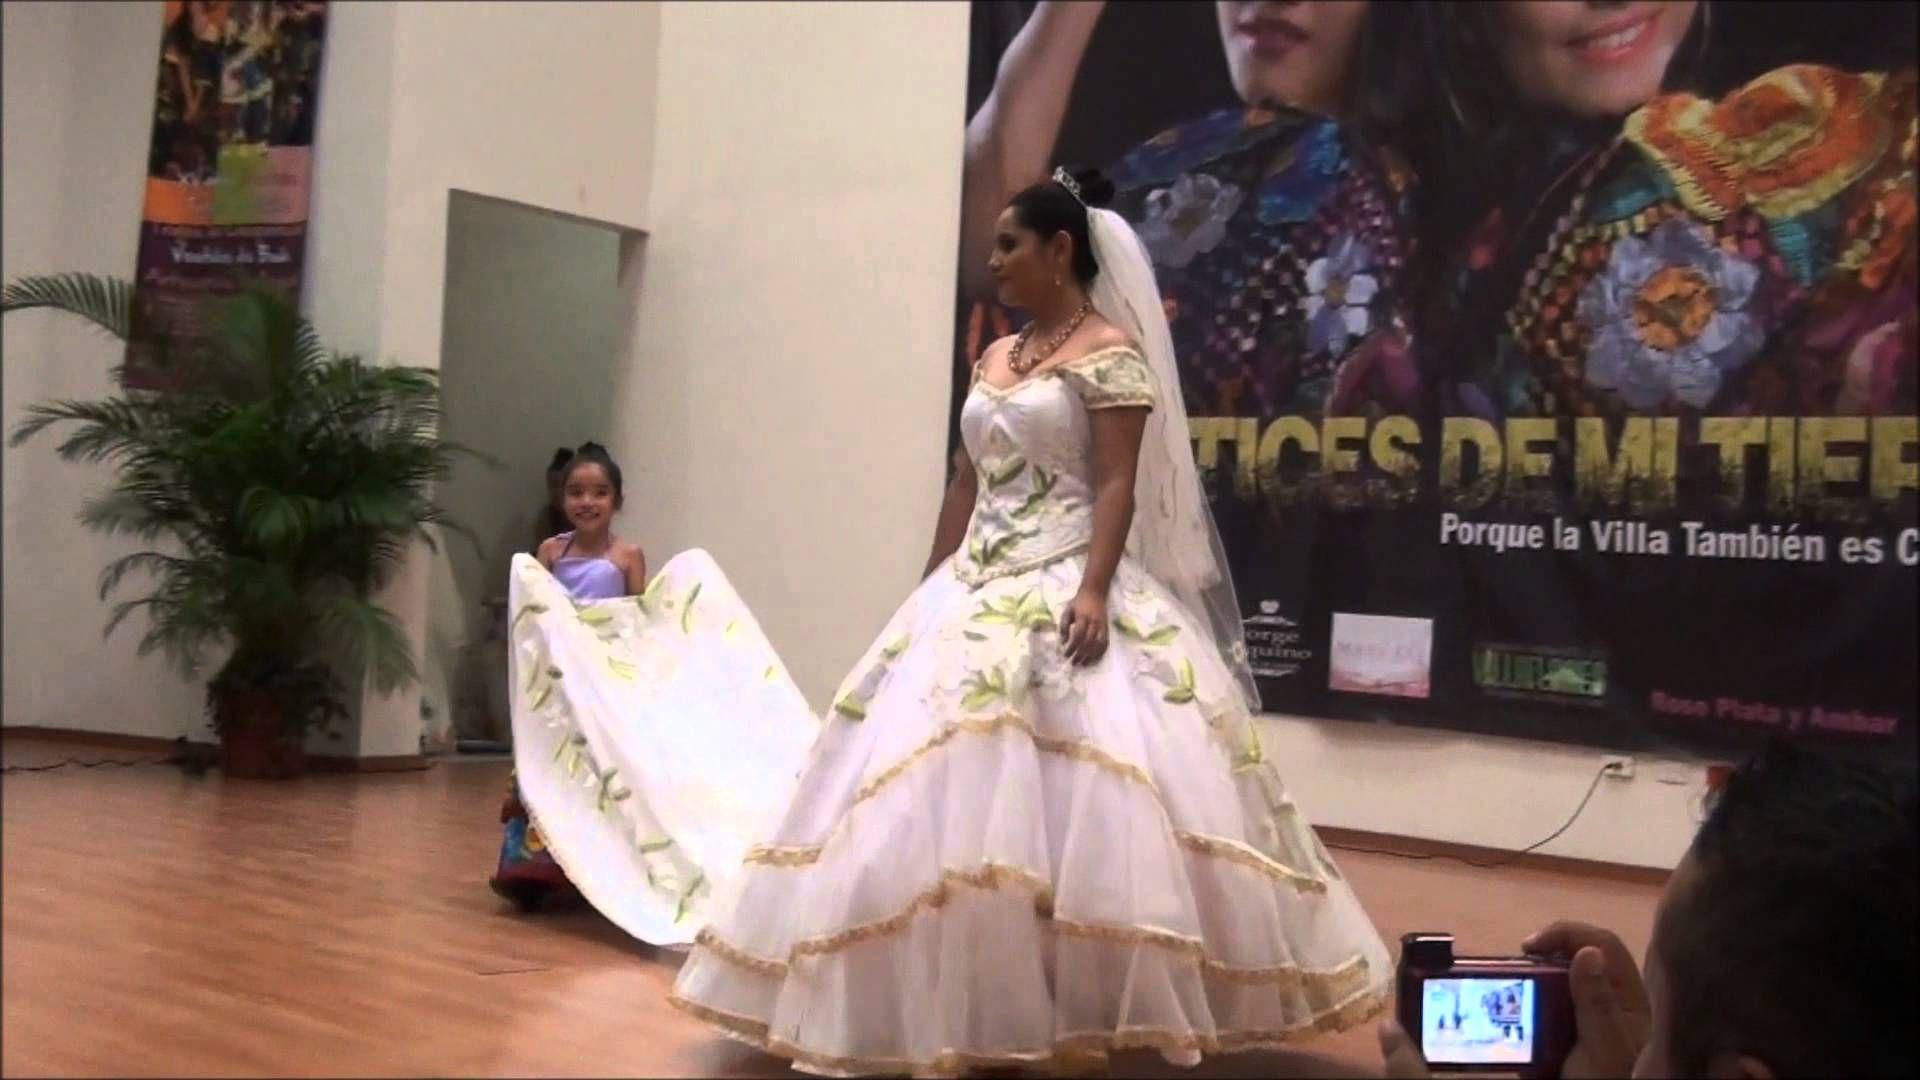 Pasarelas con ropa chiapaneca de la diseñadora Cecilia Mundo en Villaflores  | Trajes tipicos de mexico, Disenos de unas, Ropa